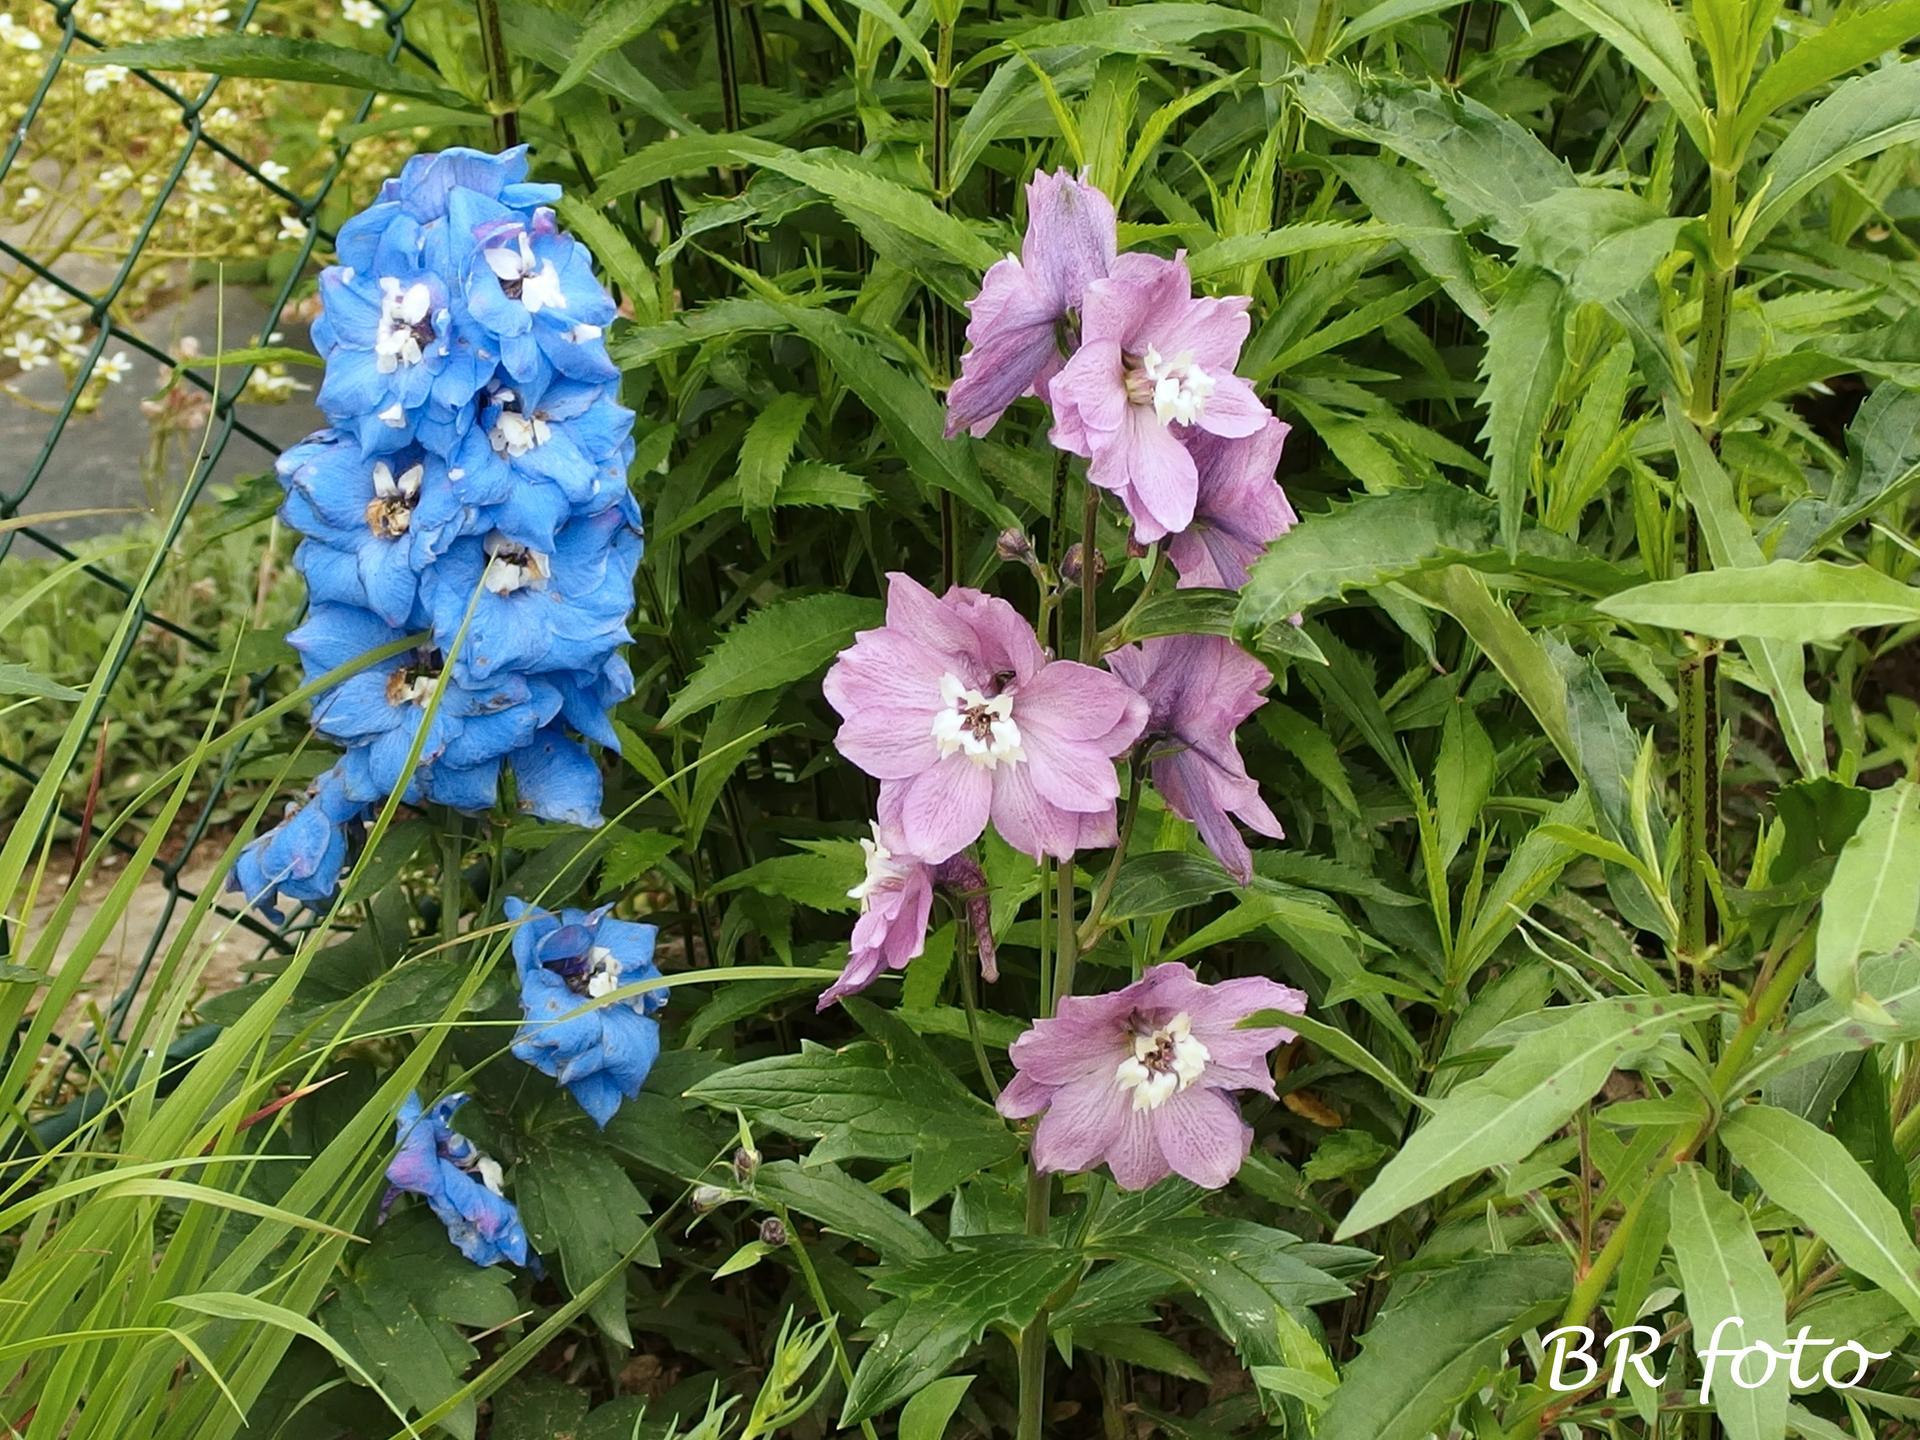 Zahrada v červnu - vše roste a kvete jako o život.... - nízká ostrožka stračka - nová, ta loňská živoří, ani nekvetla...